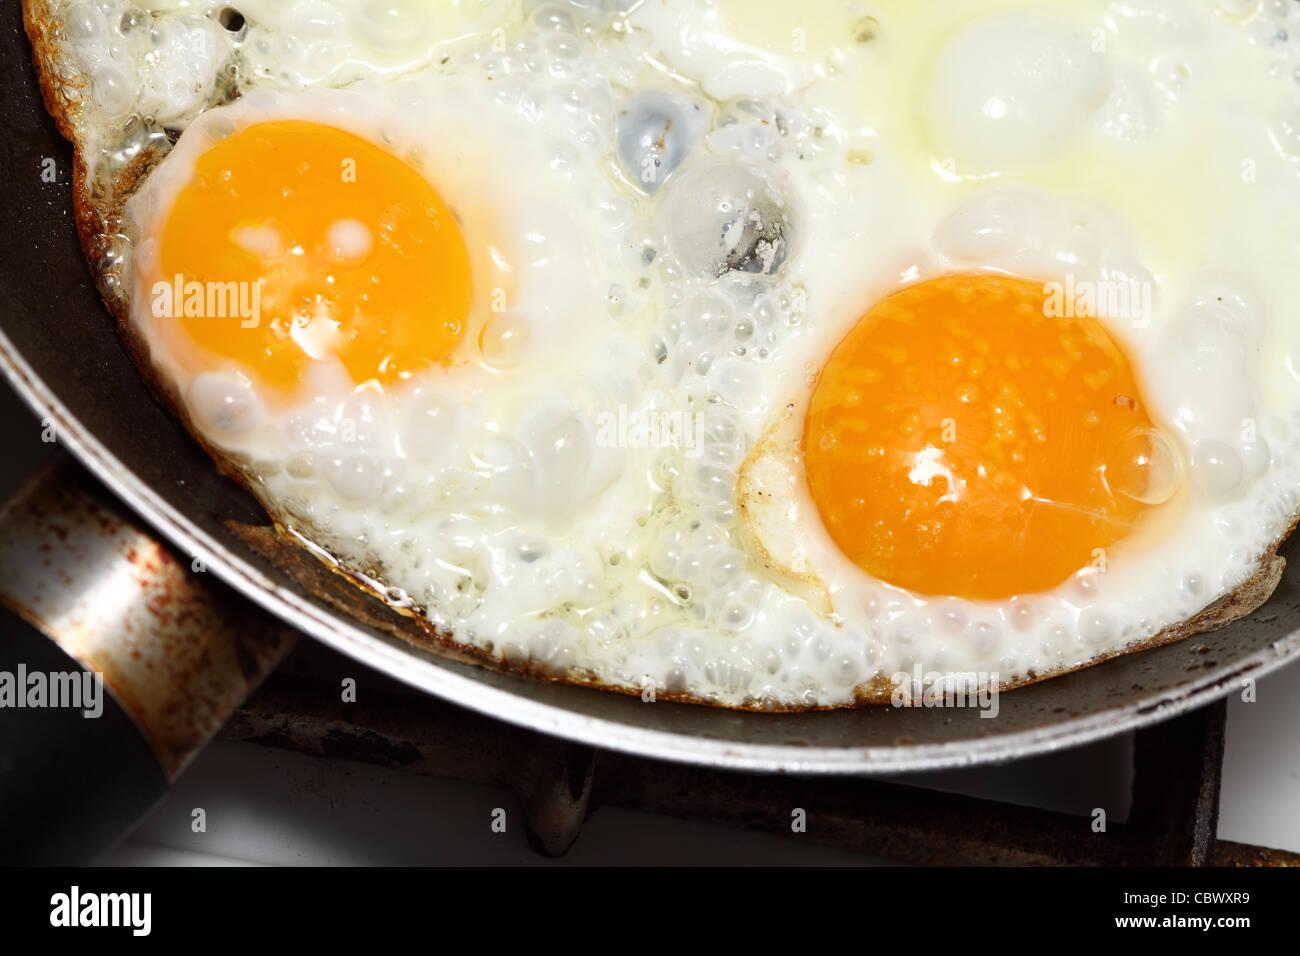 pan full of scramble eggs in a frying pan - Stock Image